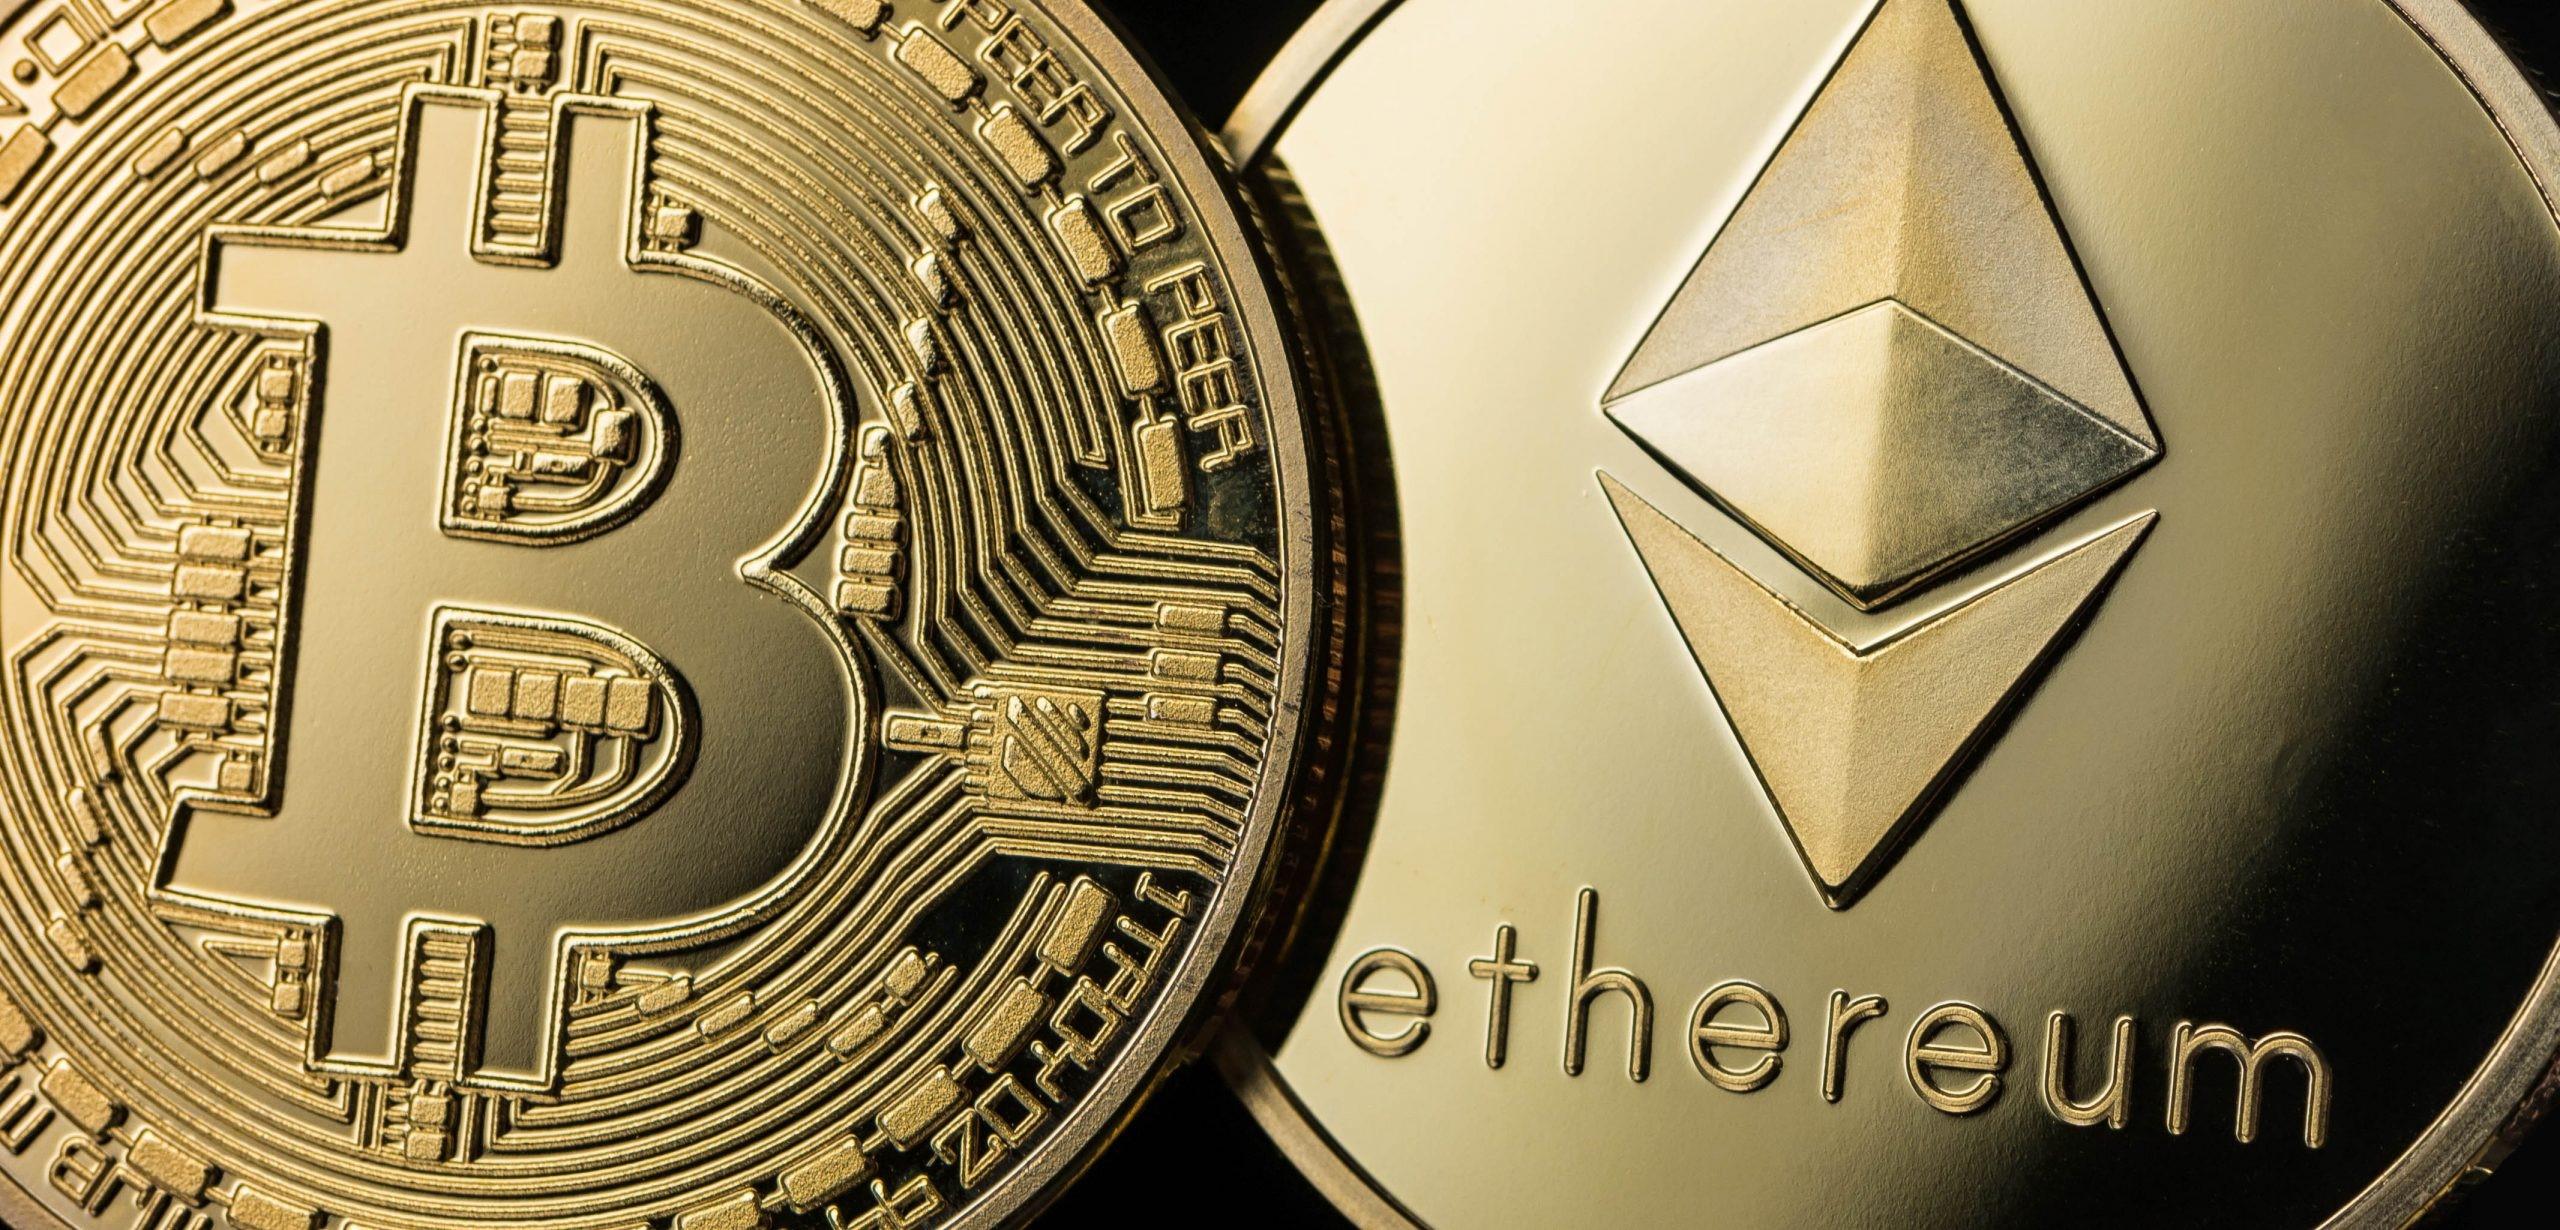 GRAYSCALE 'den Bitcoin ve Ethereum'a 100 Milyon Dolar'lık Yatırım